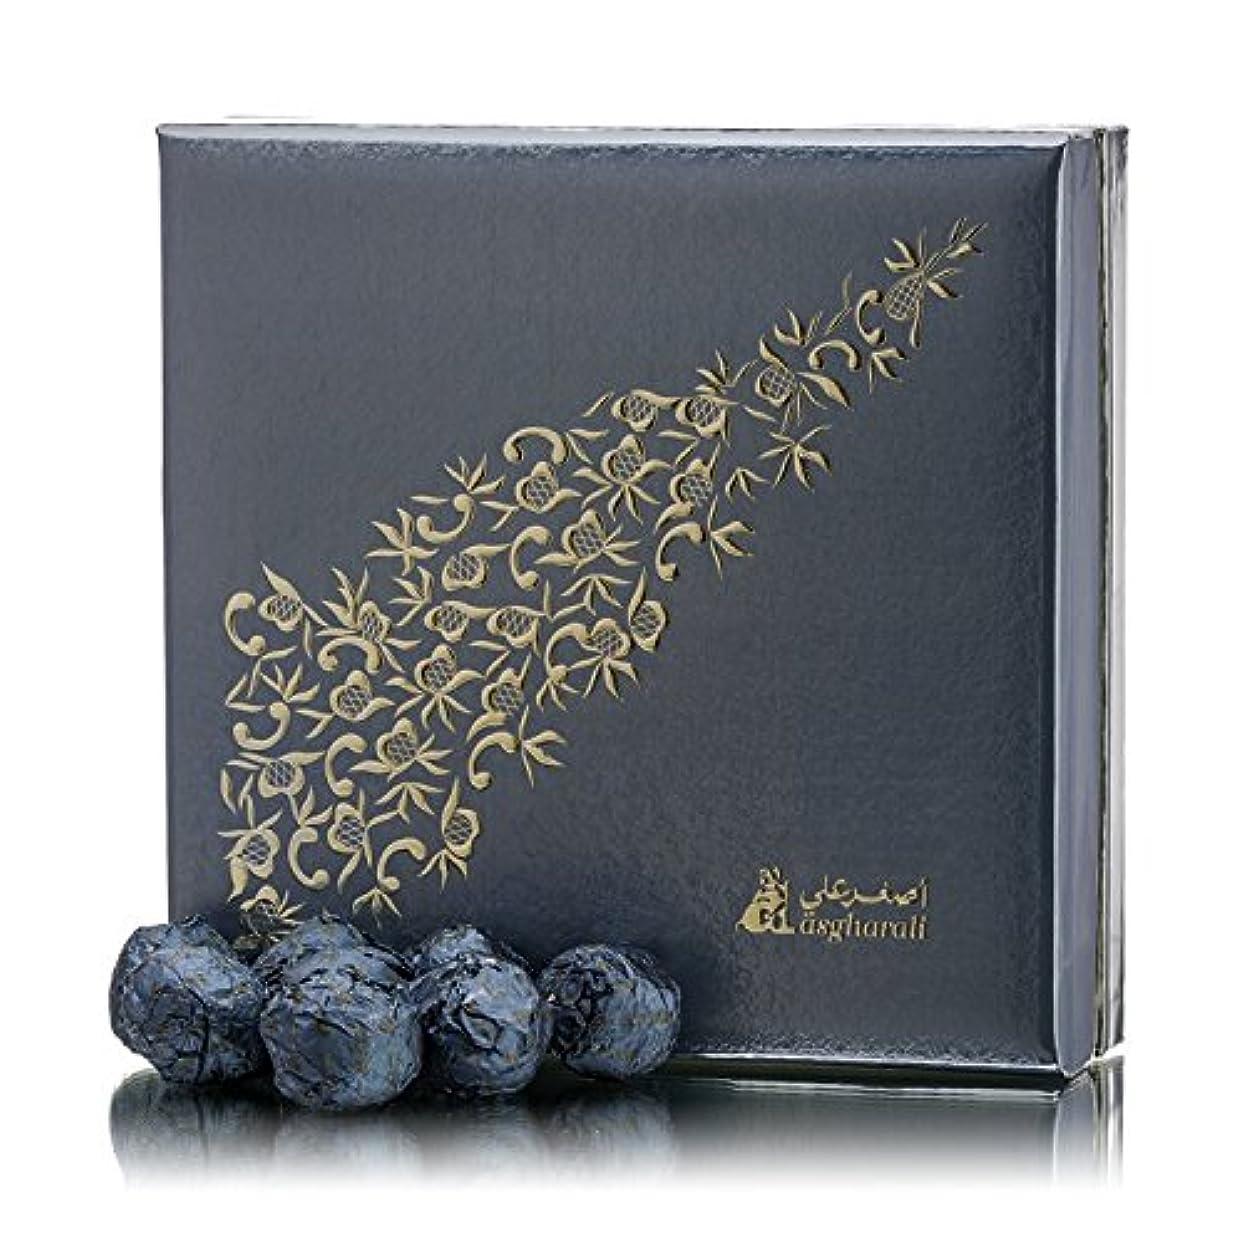 広まったジョットディボンドン北へAsgharali debaaj mustabaraq 300ミリグラム – Shay Oud、花柄、Woody、Oriental Incense Limited Edition Bakhoor